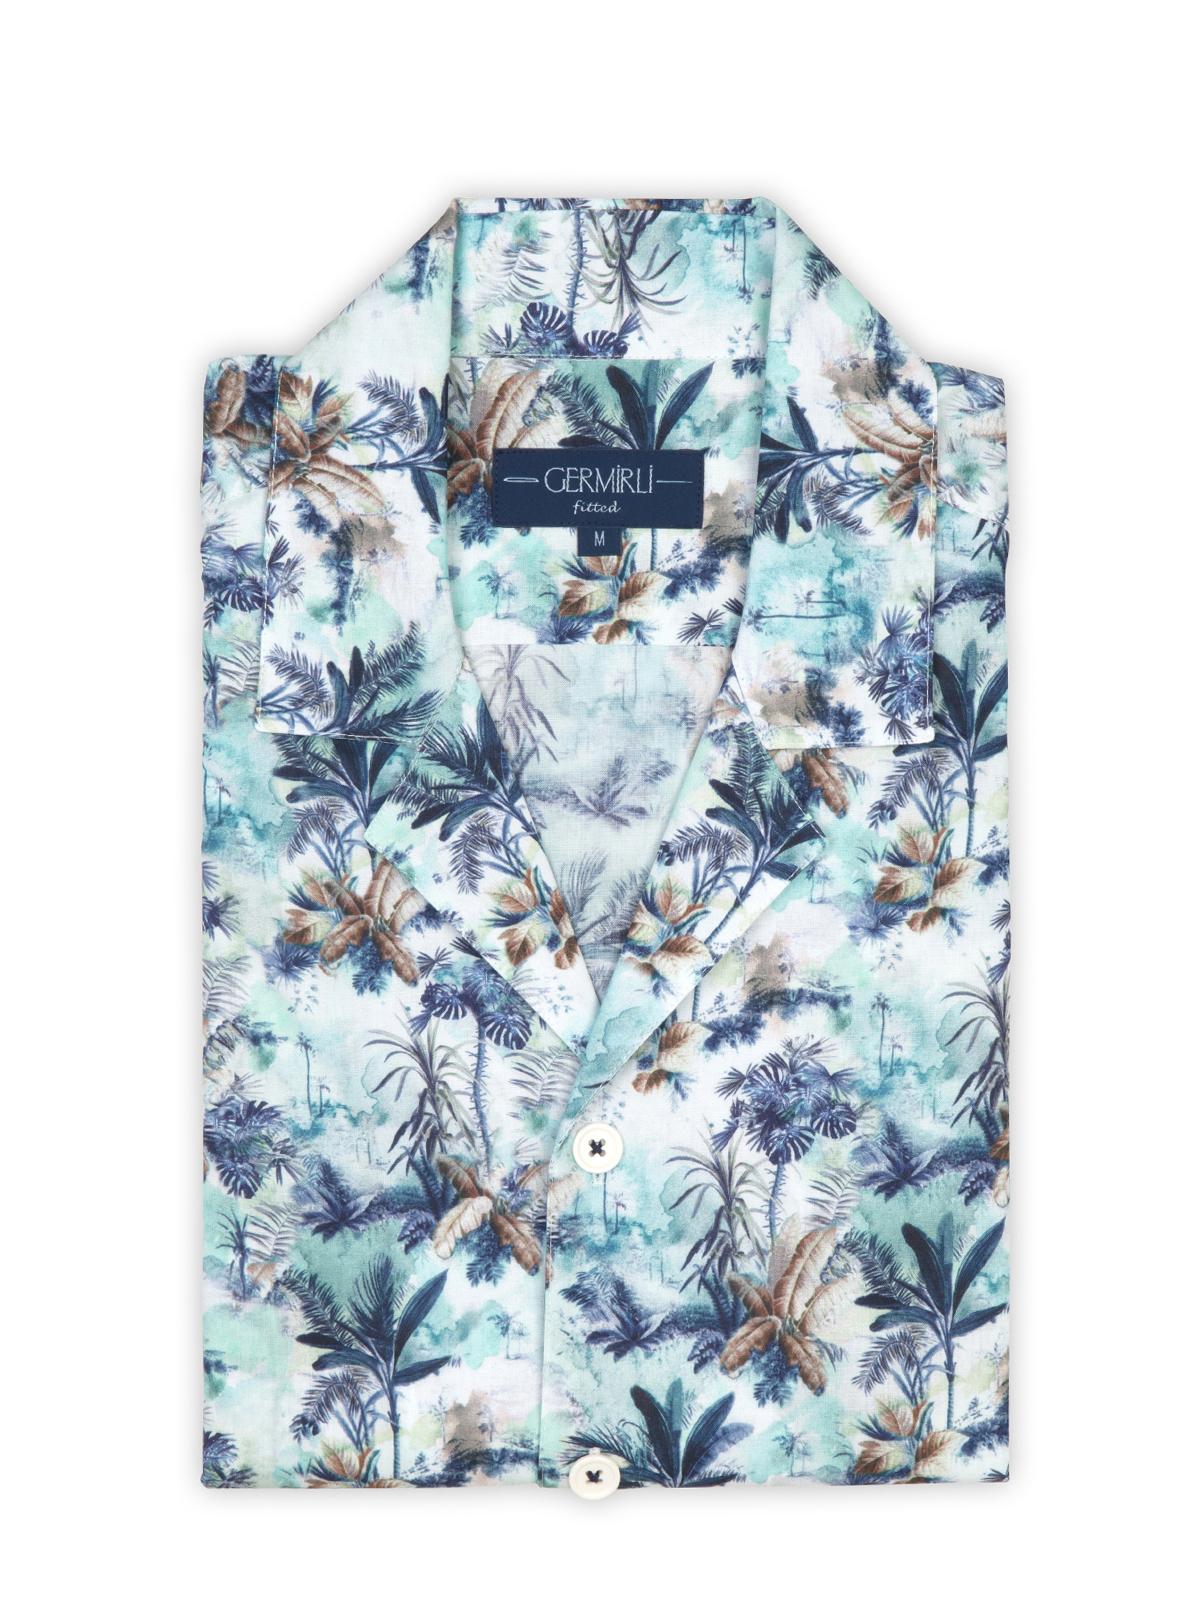 Germirli Mavi Çiçek Desenli Hawaii Kısa Kollu Tailor Fit Gömlek